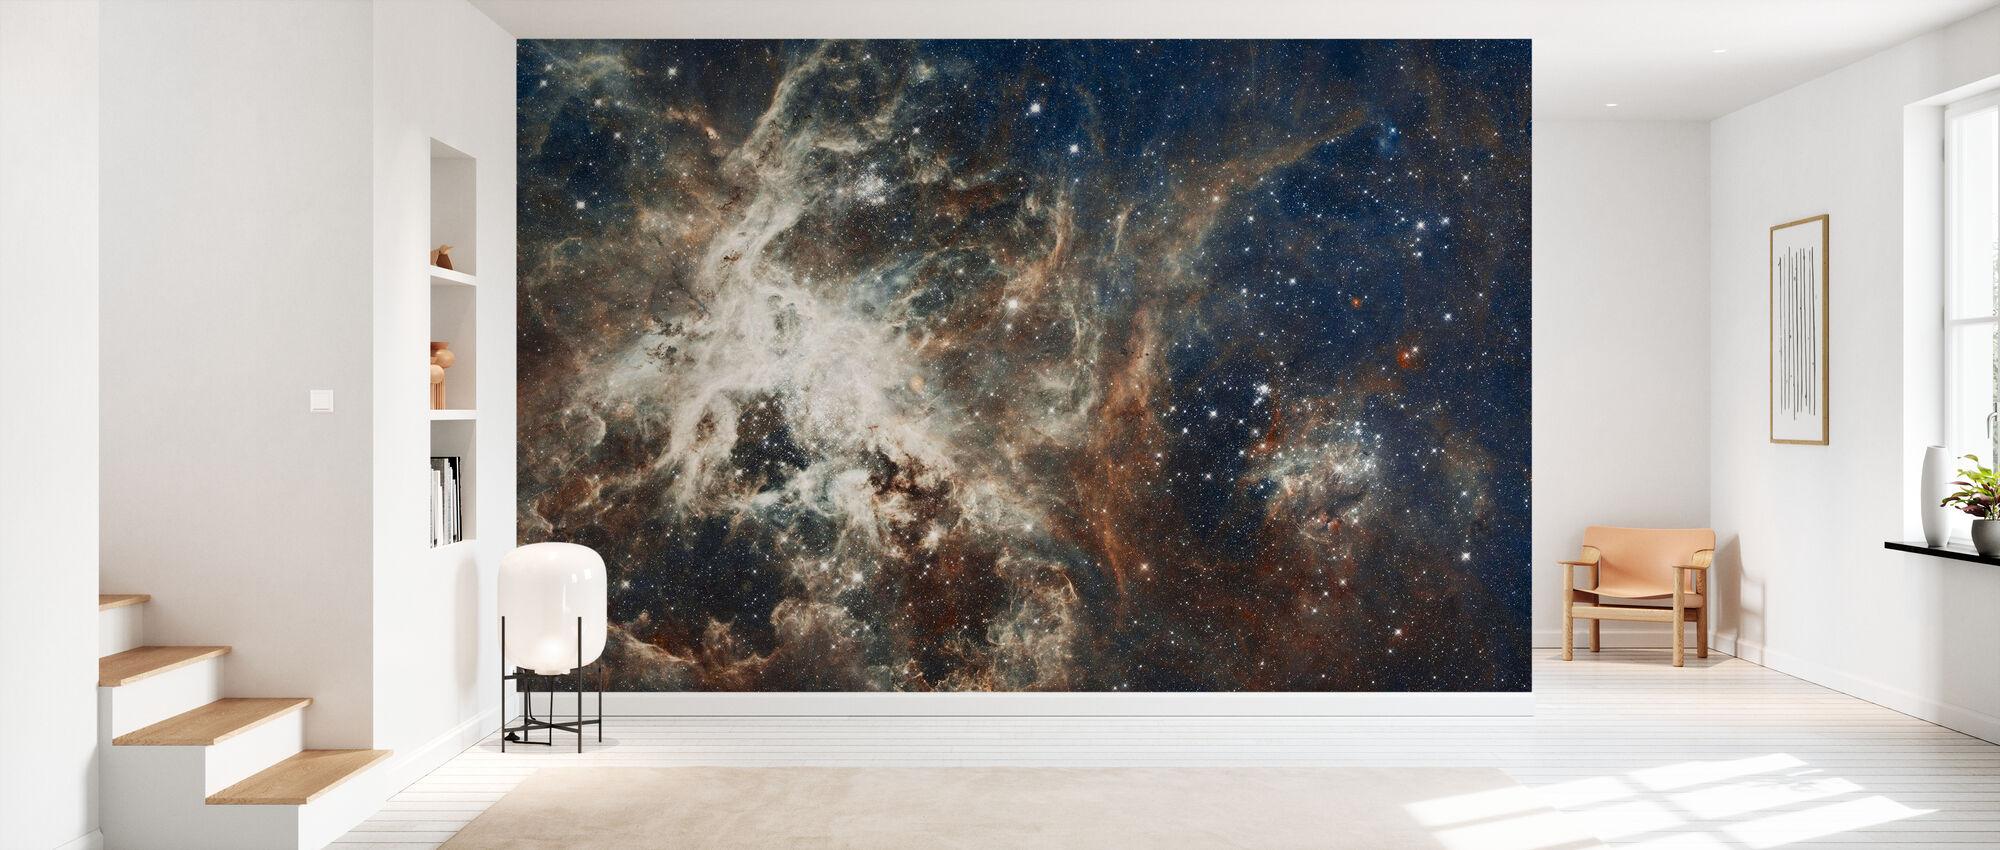 Galaxy Wall Murals Online Photowall